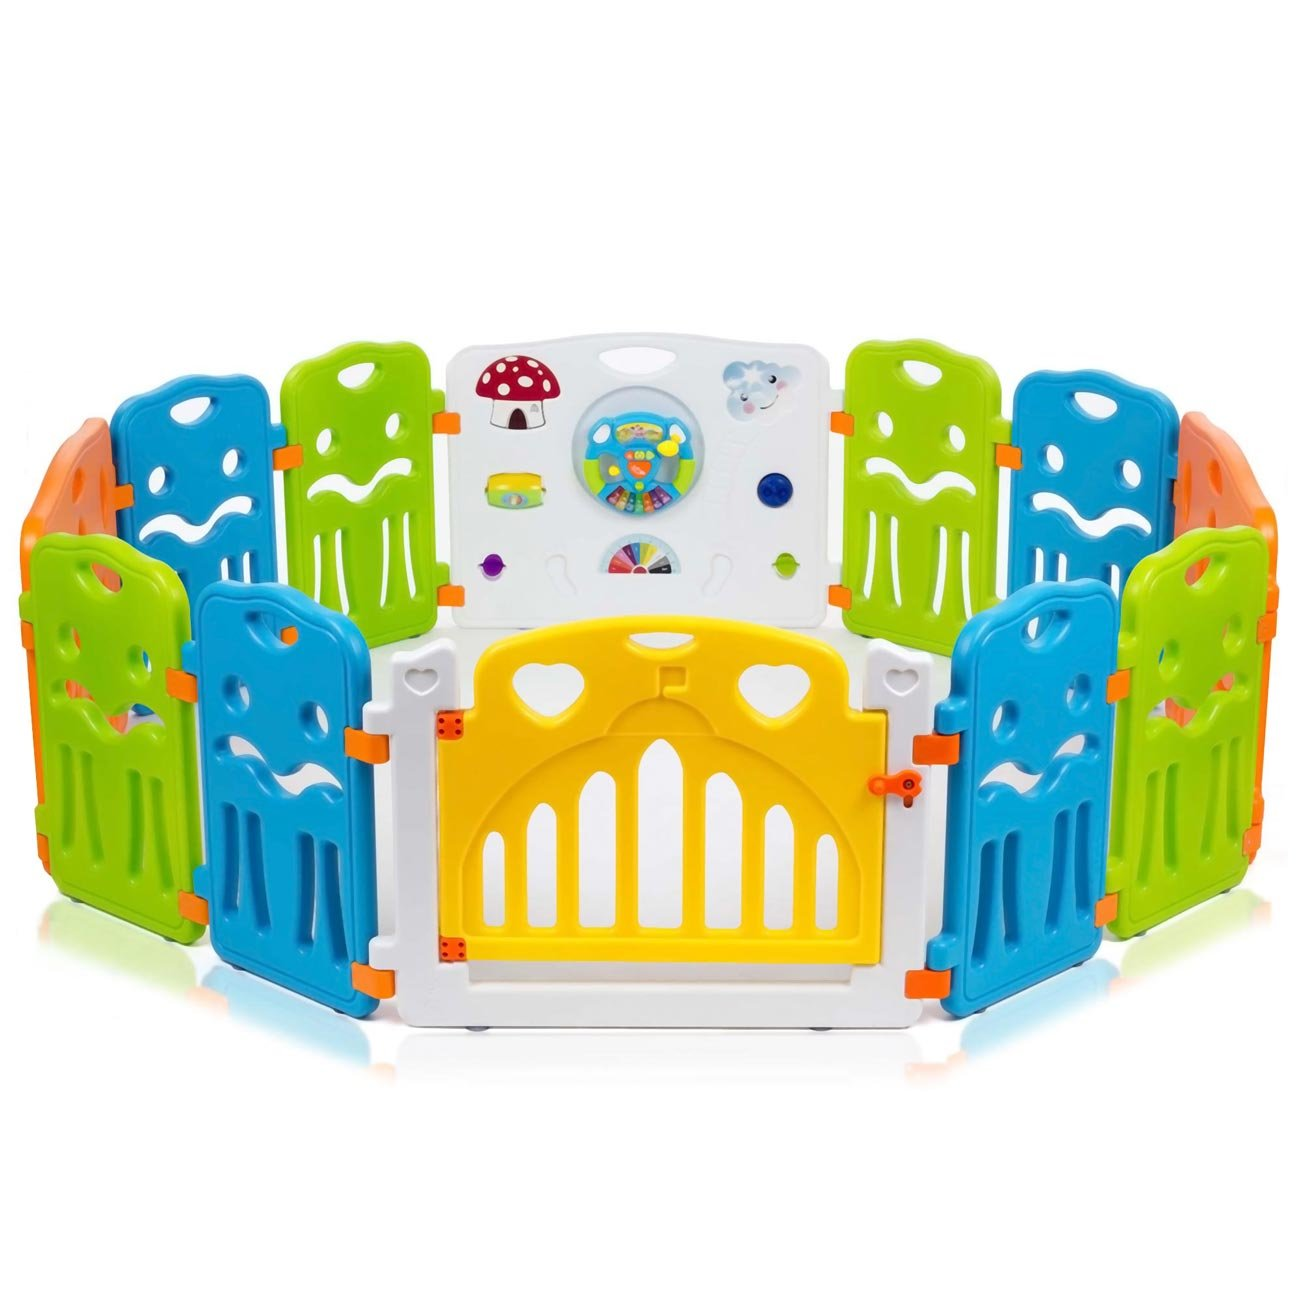 Baby Vivo Parc Bébé Barrière Securitè avec Porte Plastique Enfant Protection Grand Jeu Extensible - COLORS XL